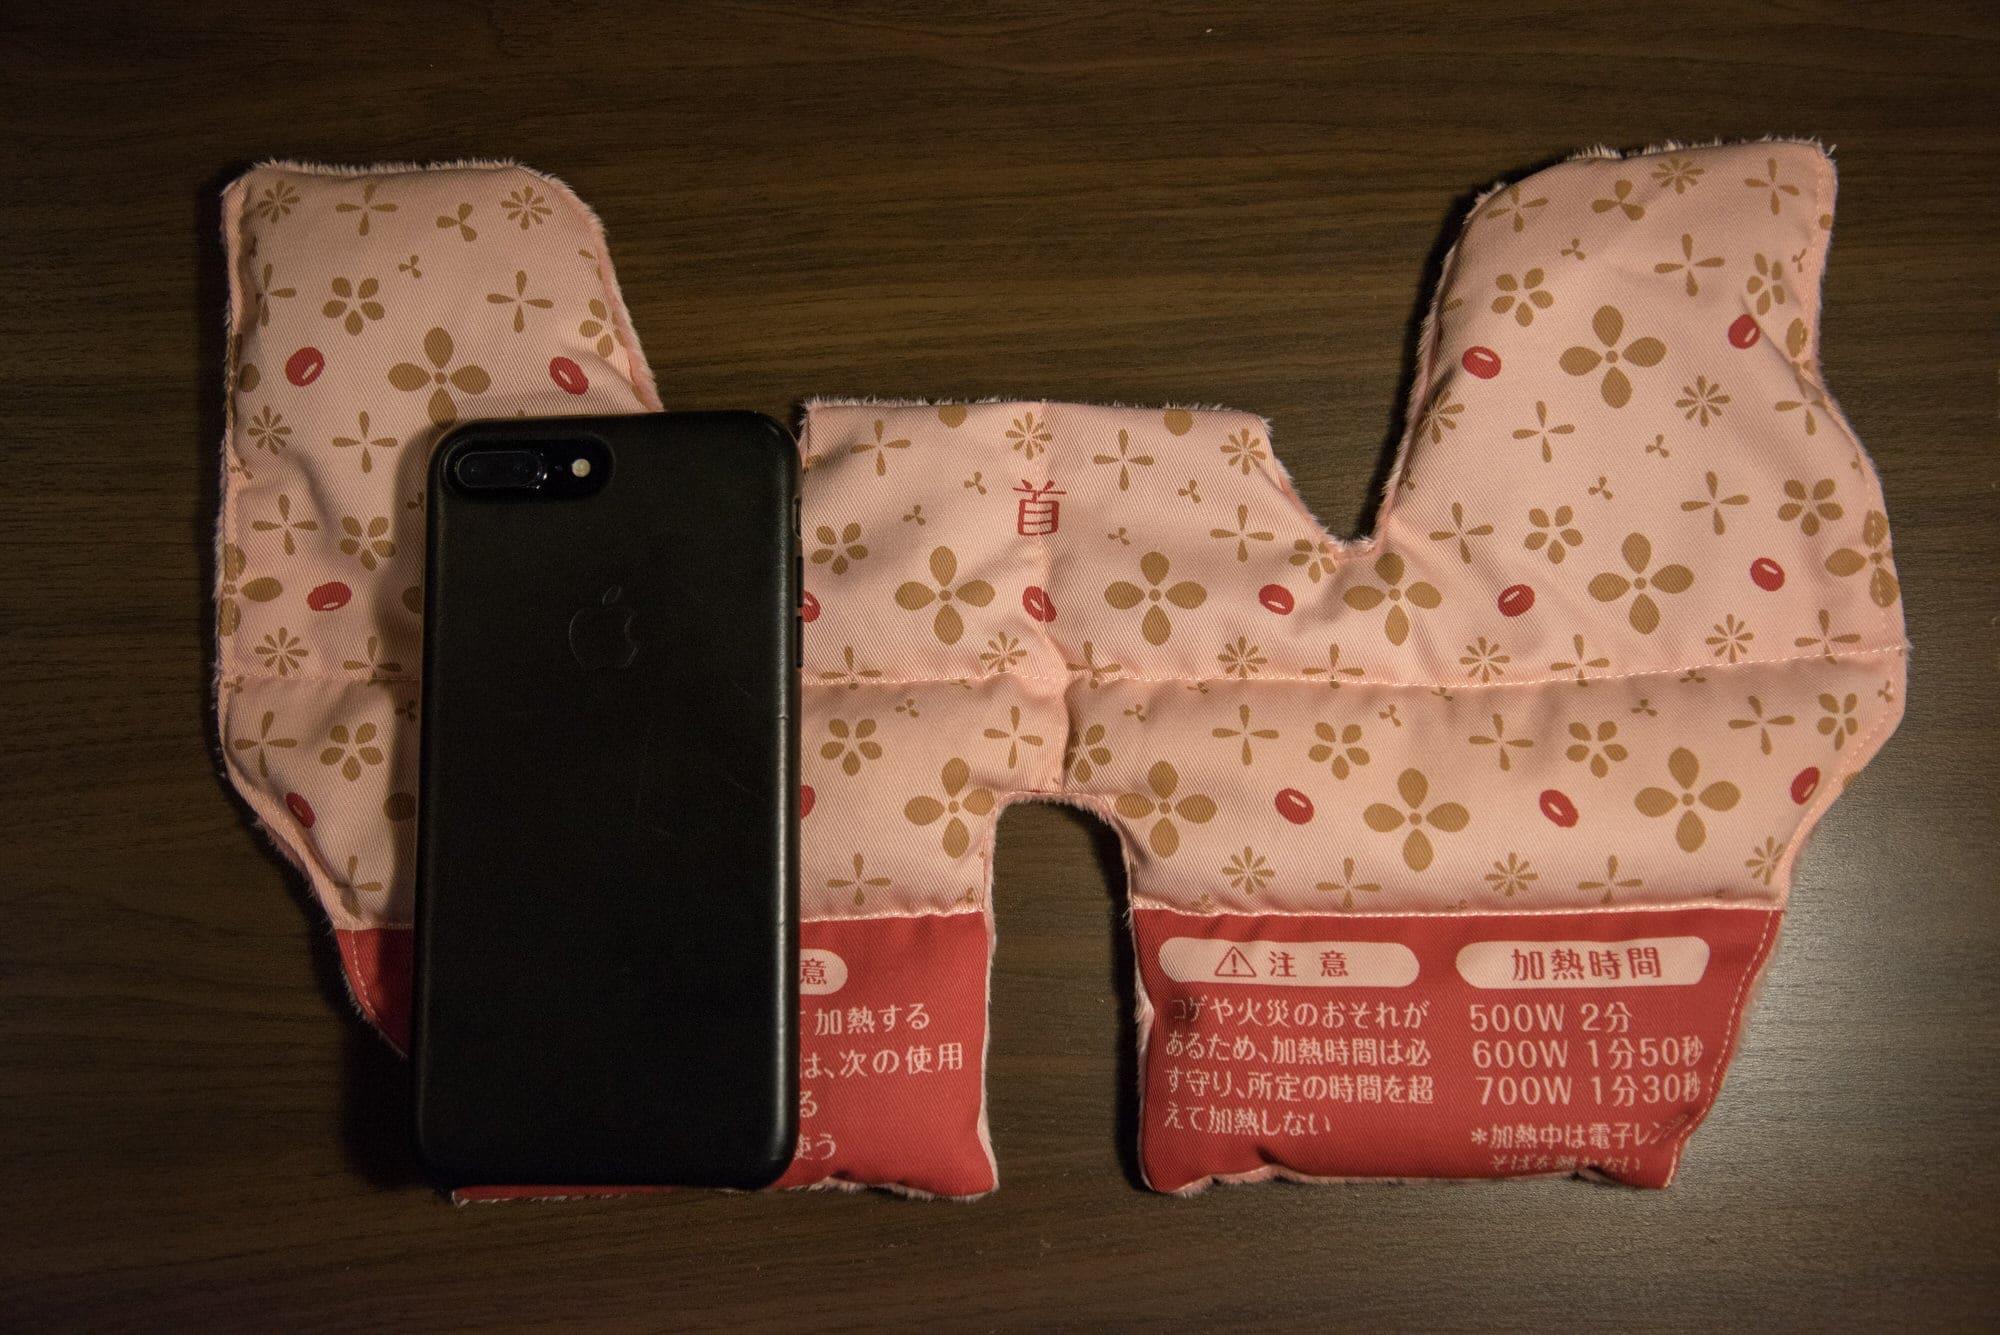 あずきのチカラ・首肩用とiPhoneとのサイズ比較